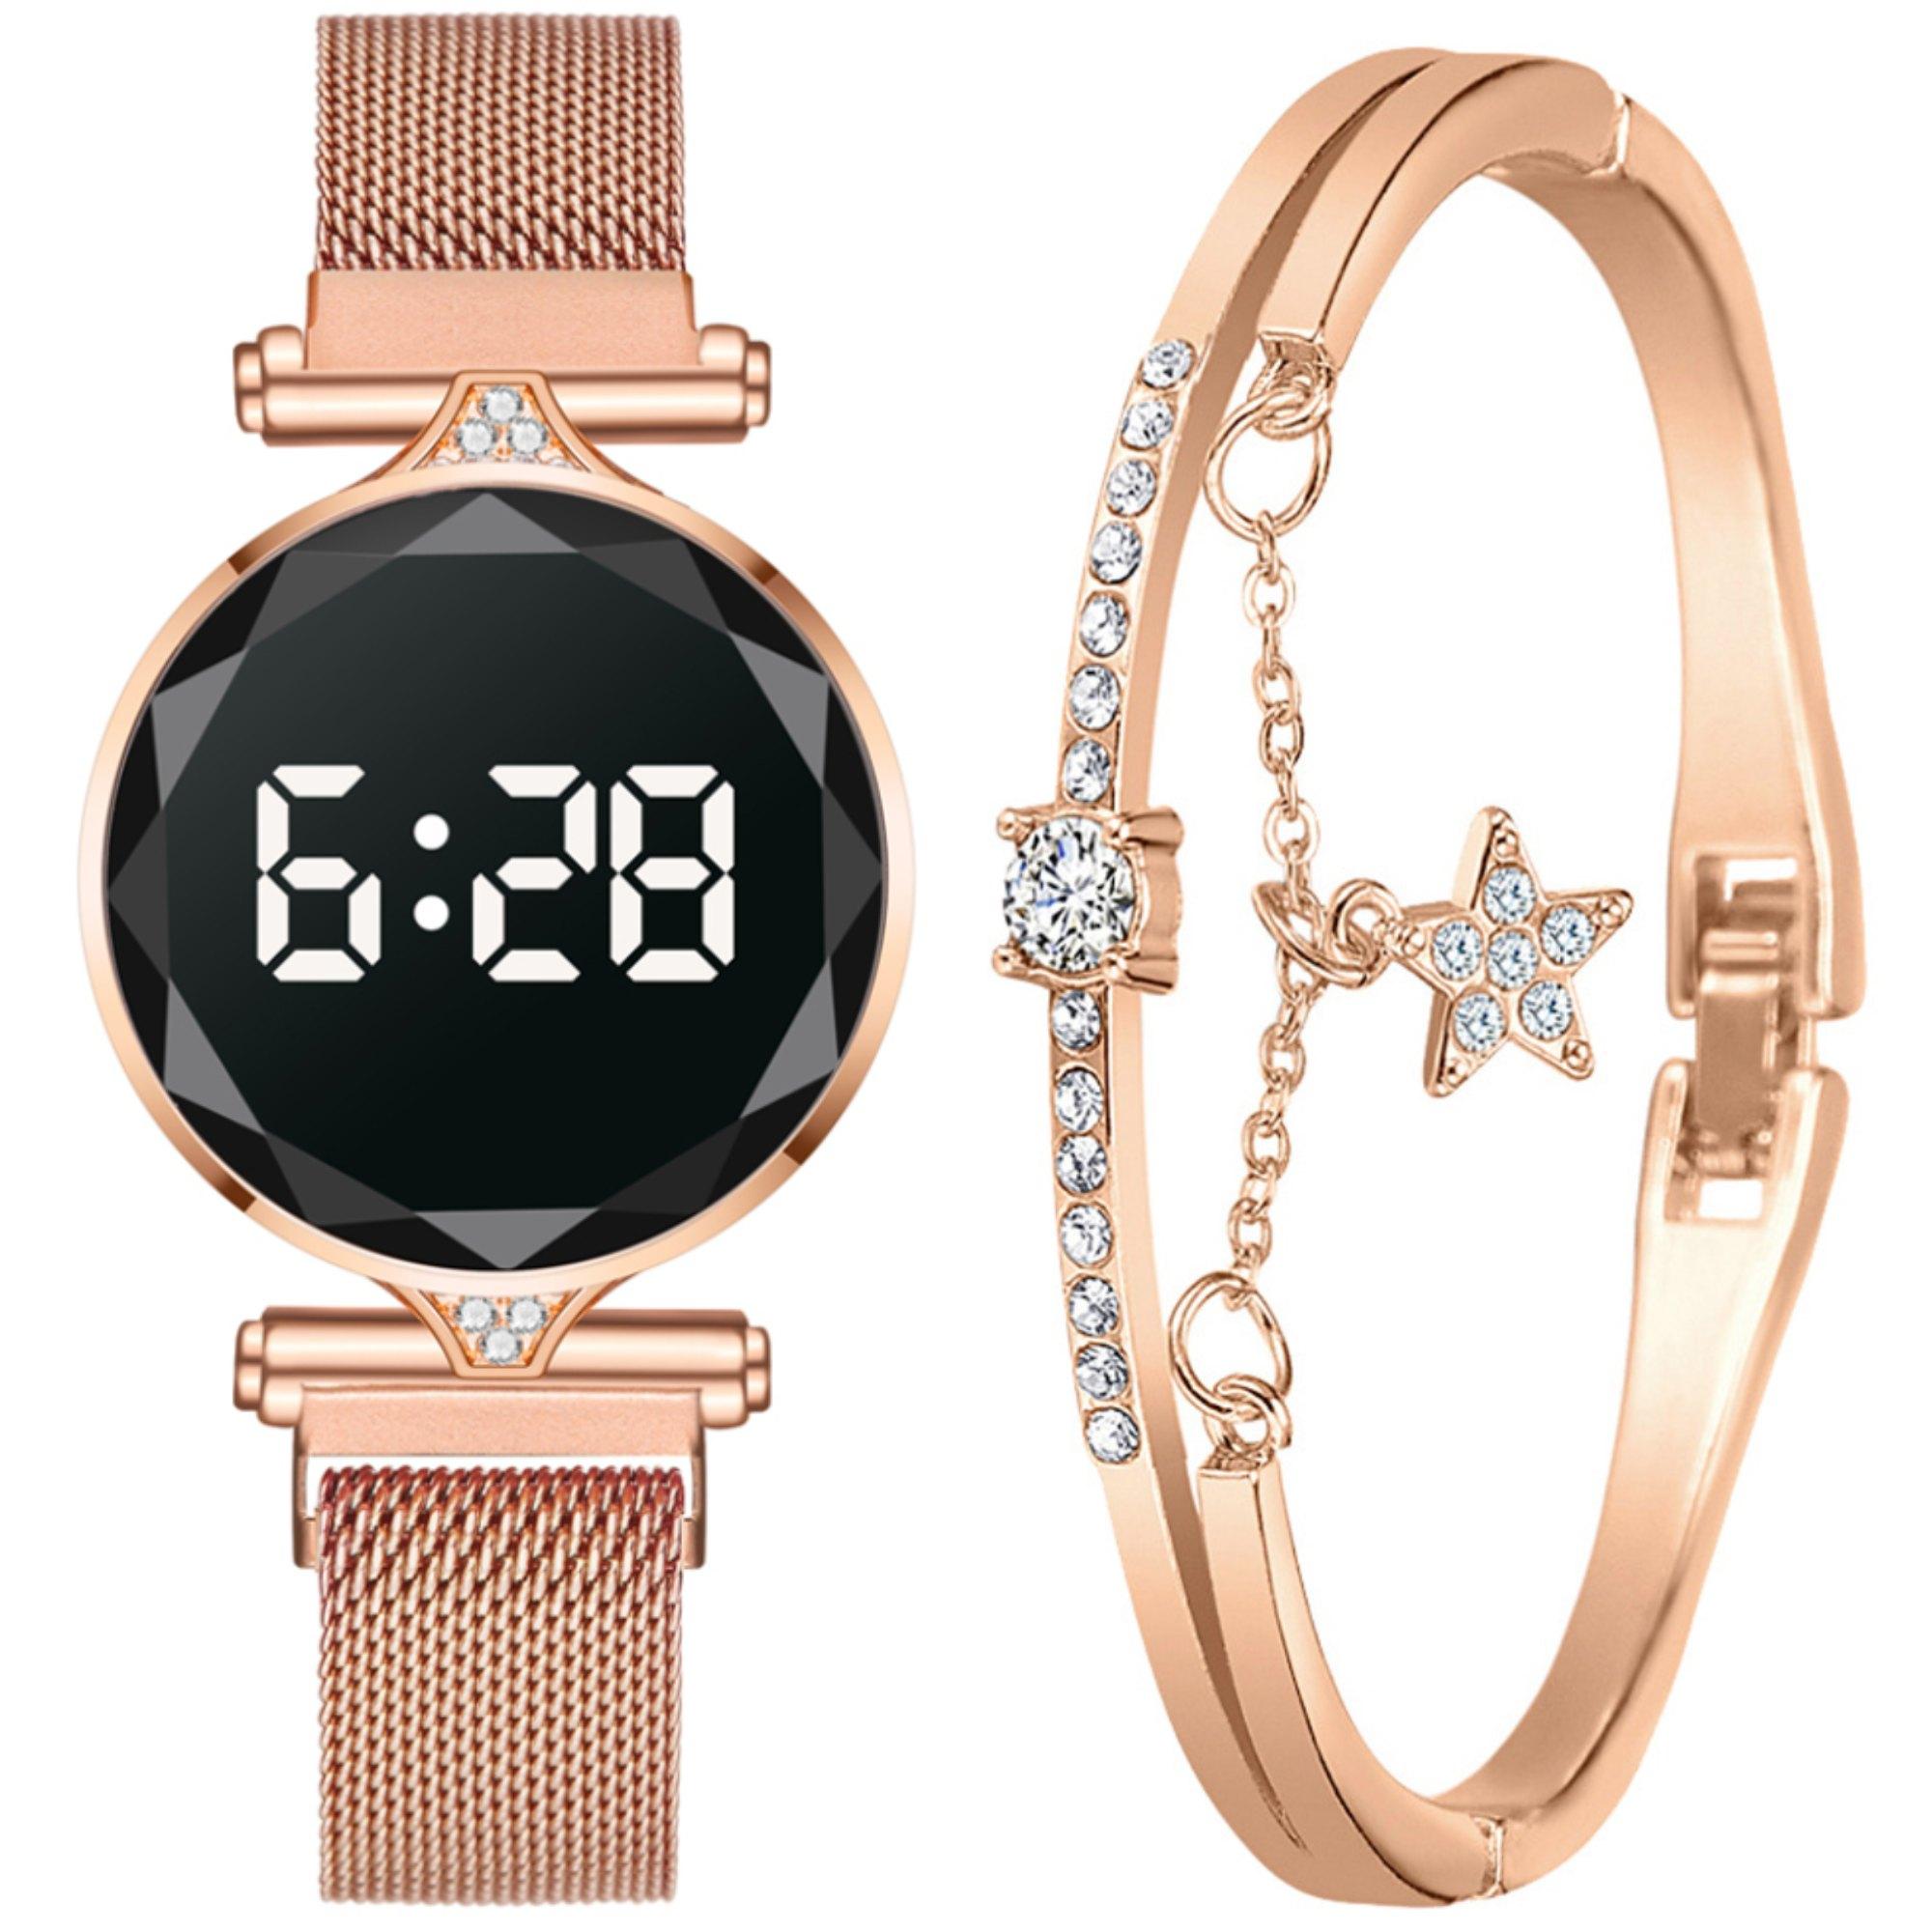 Relógio Feminino Rose Gold Touch Digital LED com Bracelete Strass e Caixa de Presente - Modelo Paris